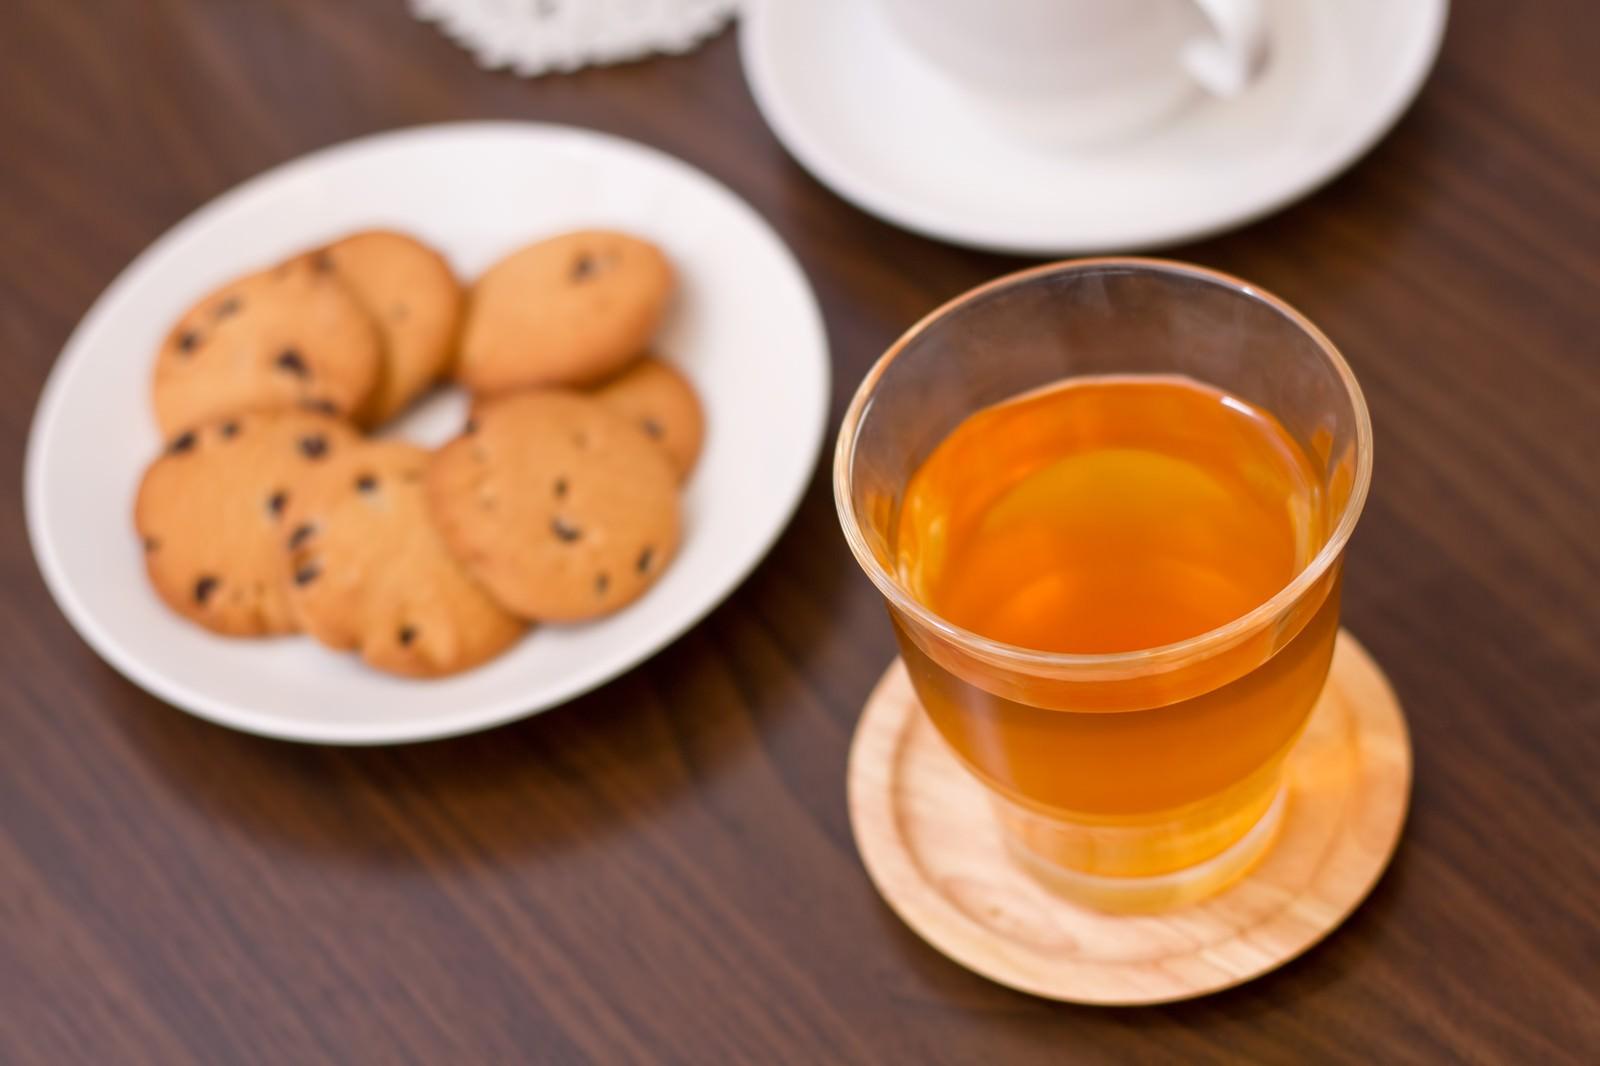 「紅茶とクッキーのティータイム紅茶とクッキーのティータイム」のフリー写真素材を拡大